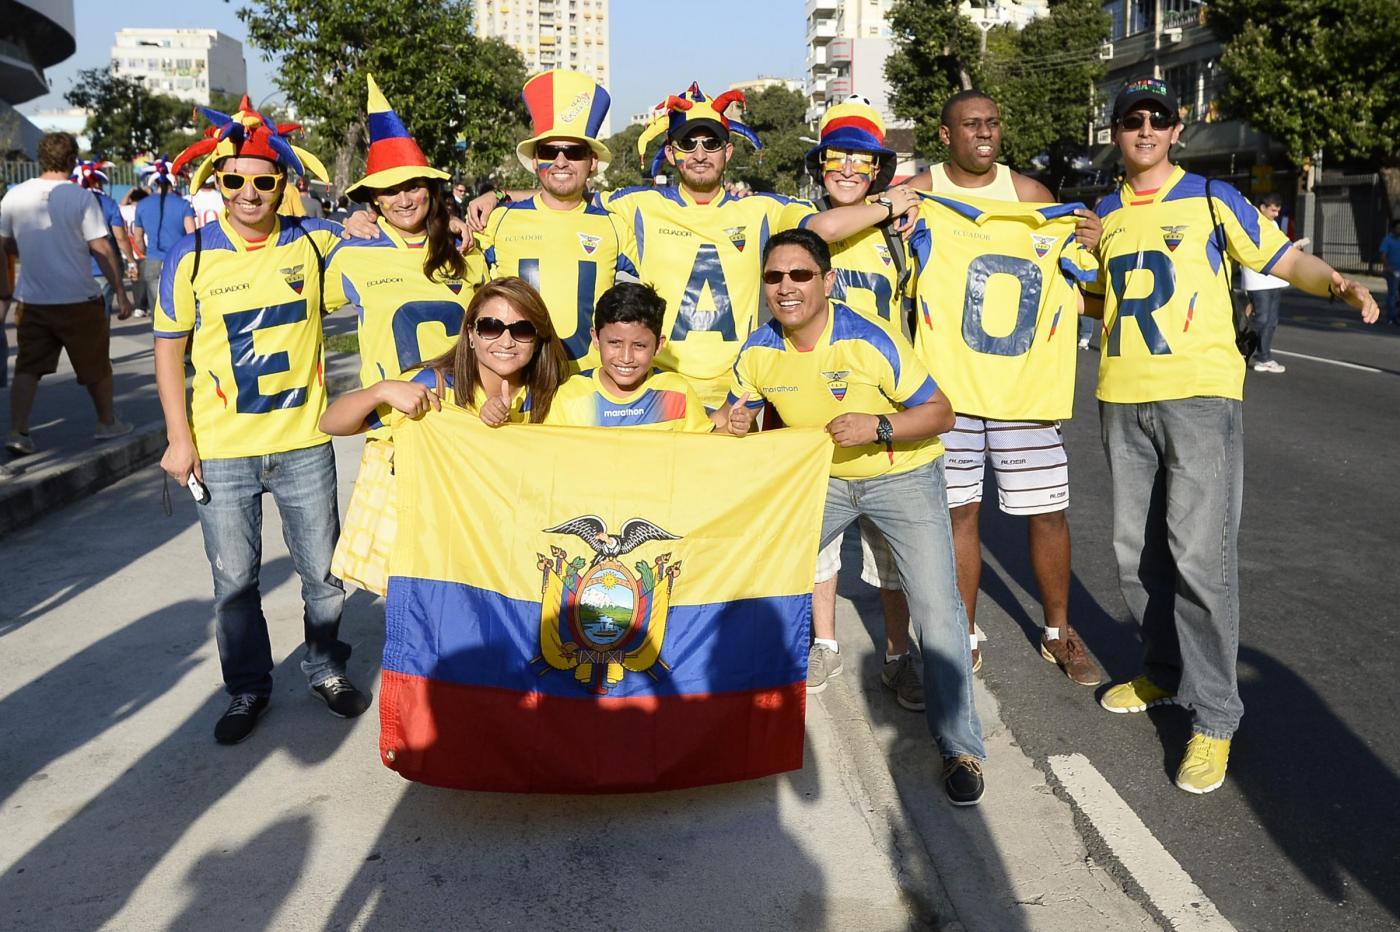 Amichevole Nazionale, Qatar-Ecuador venerdì 12 ottobre: analisi e pronostico della gara amchevole tra mediorientali e sudamericani